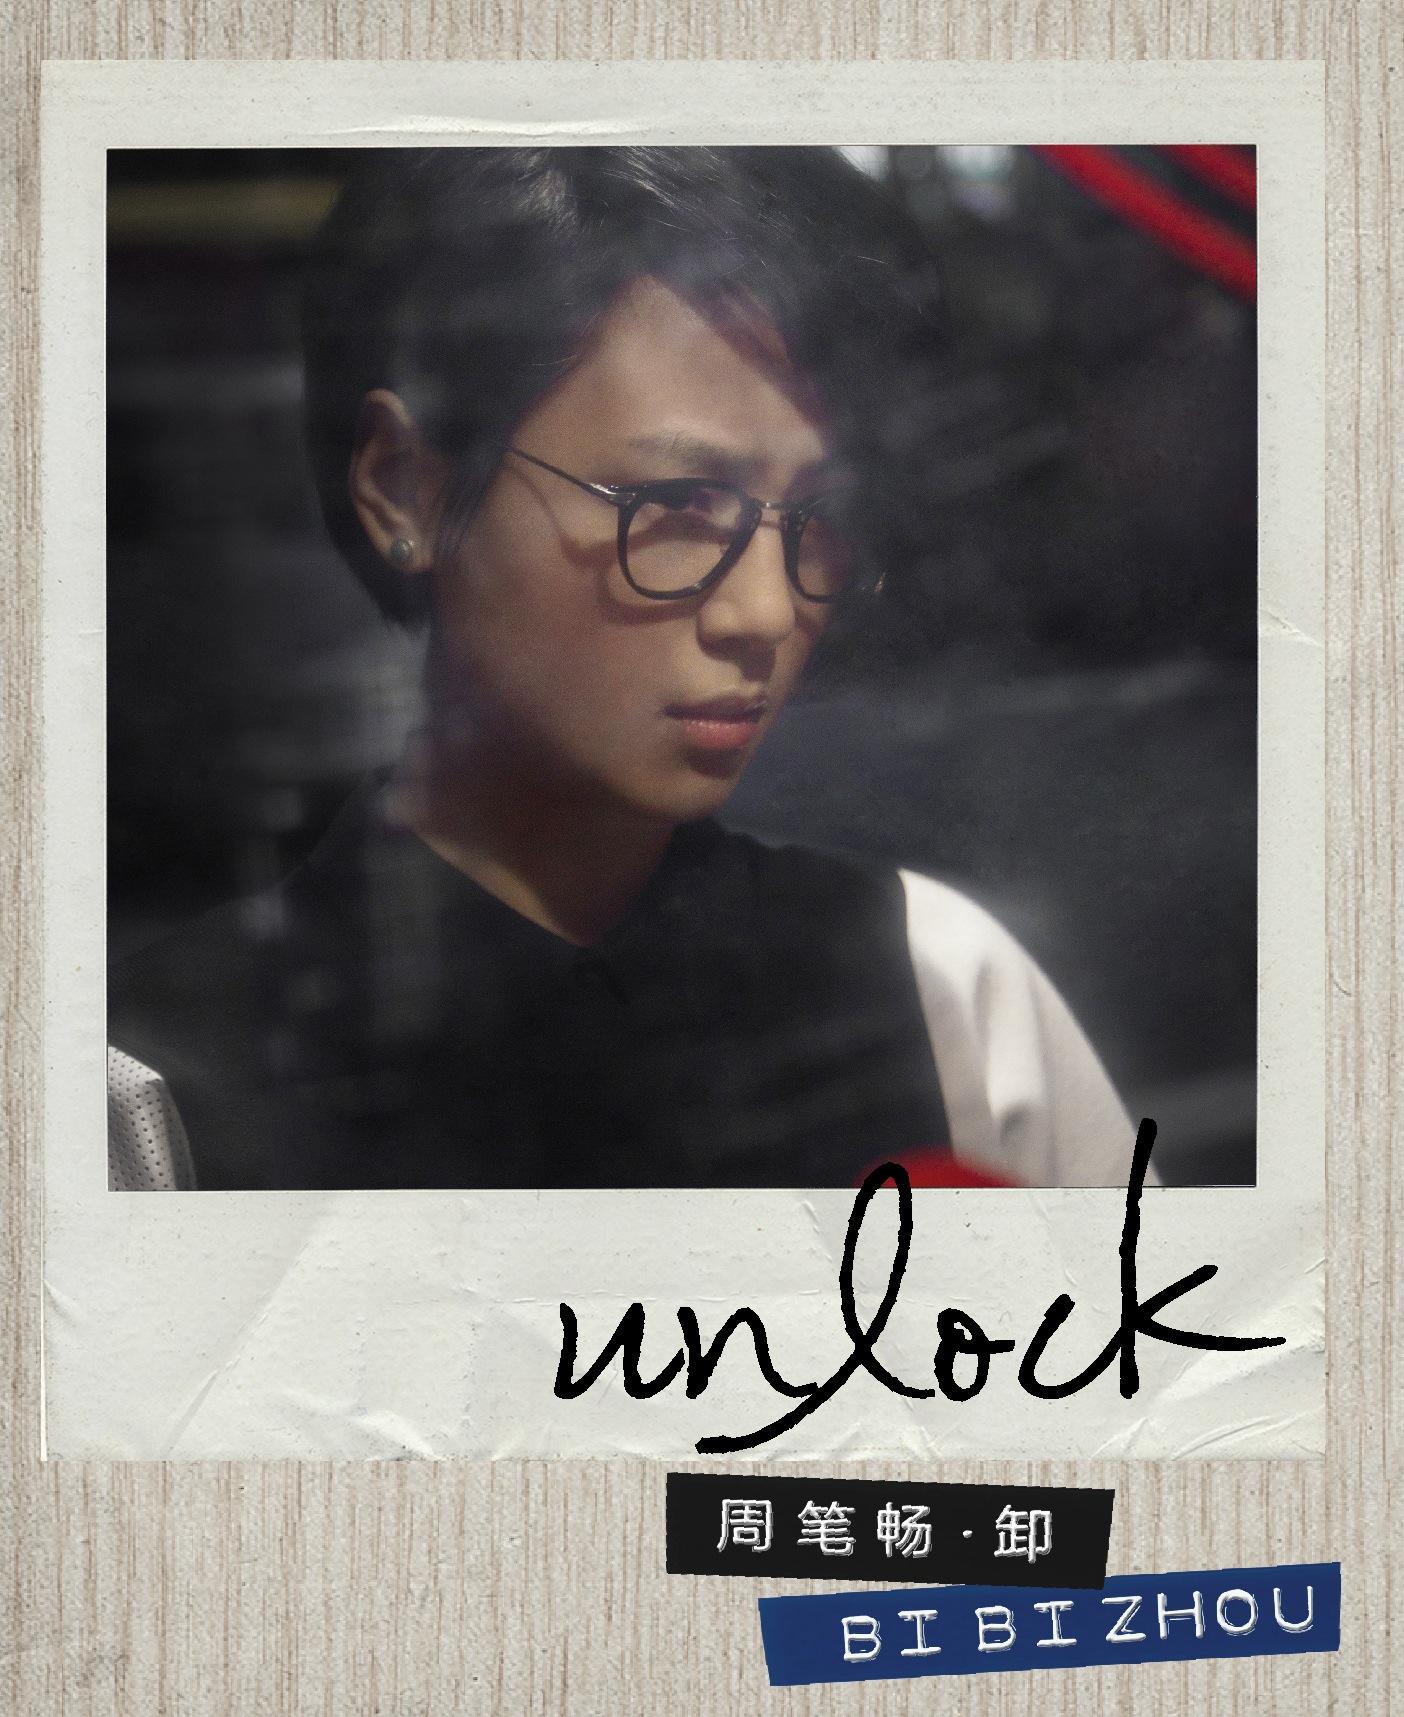 周笔畅《Unlock》mp3bst.com